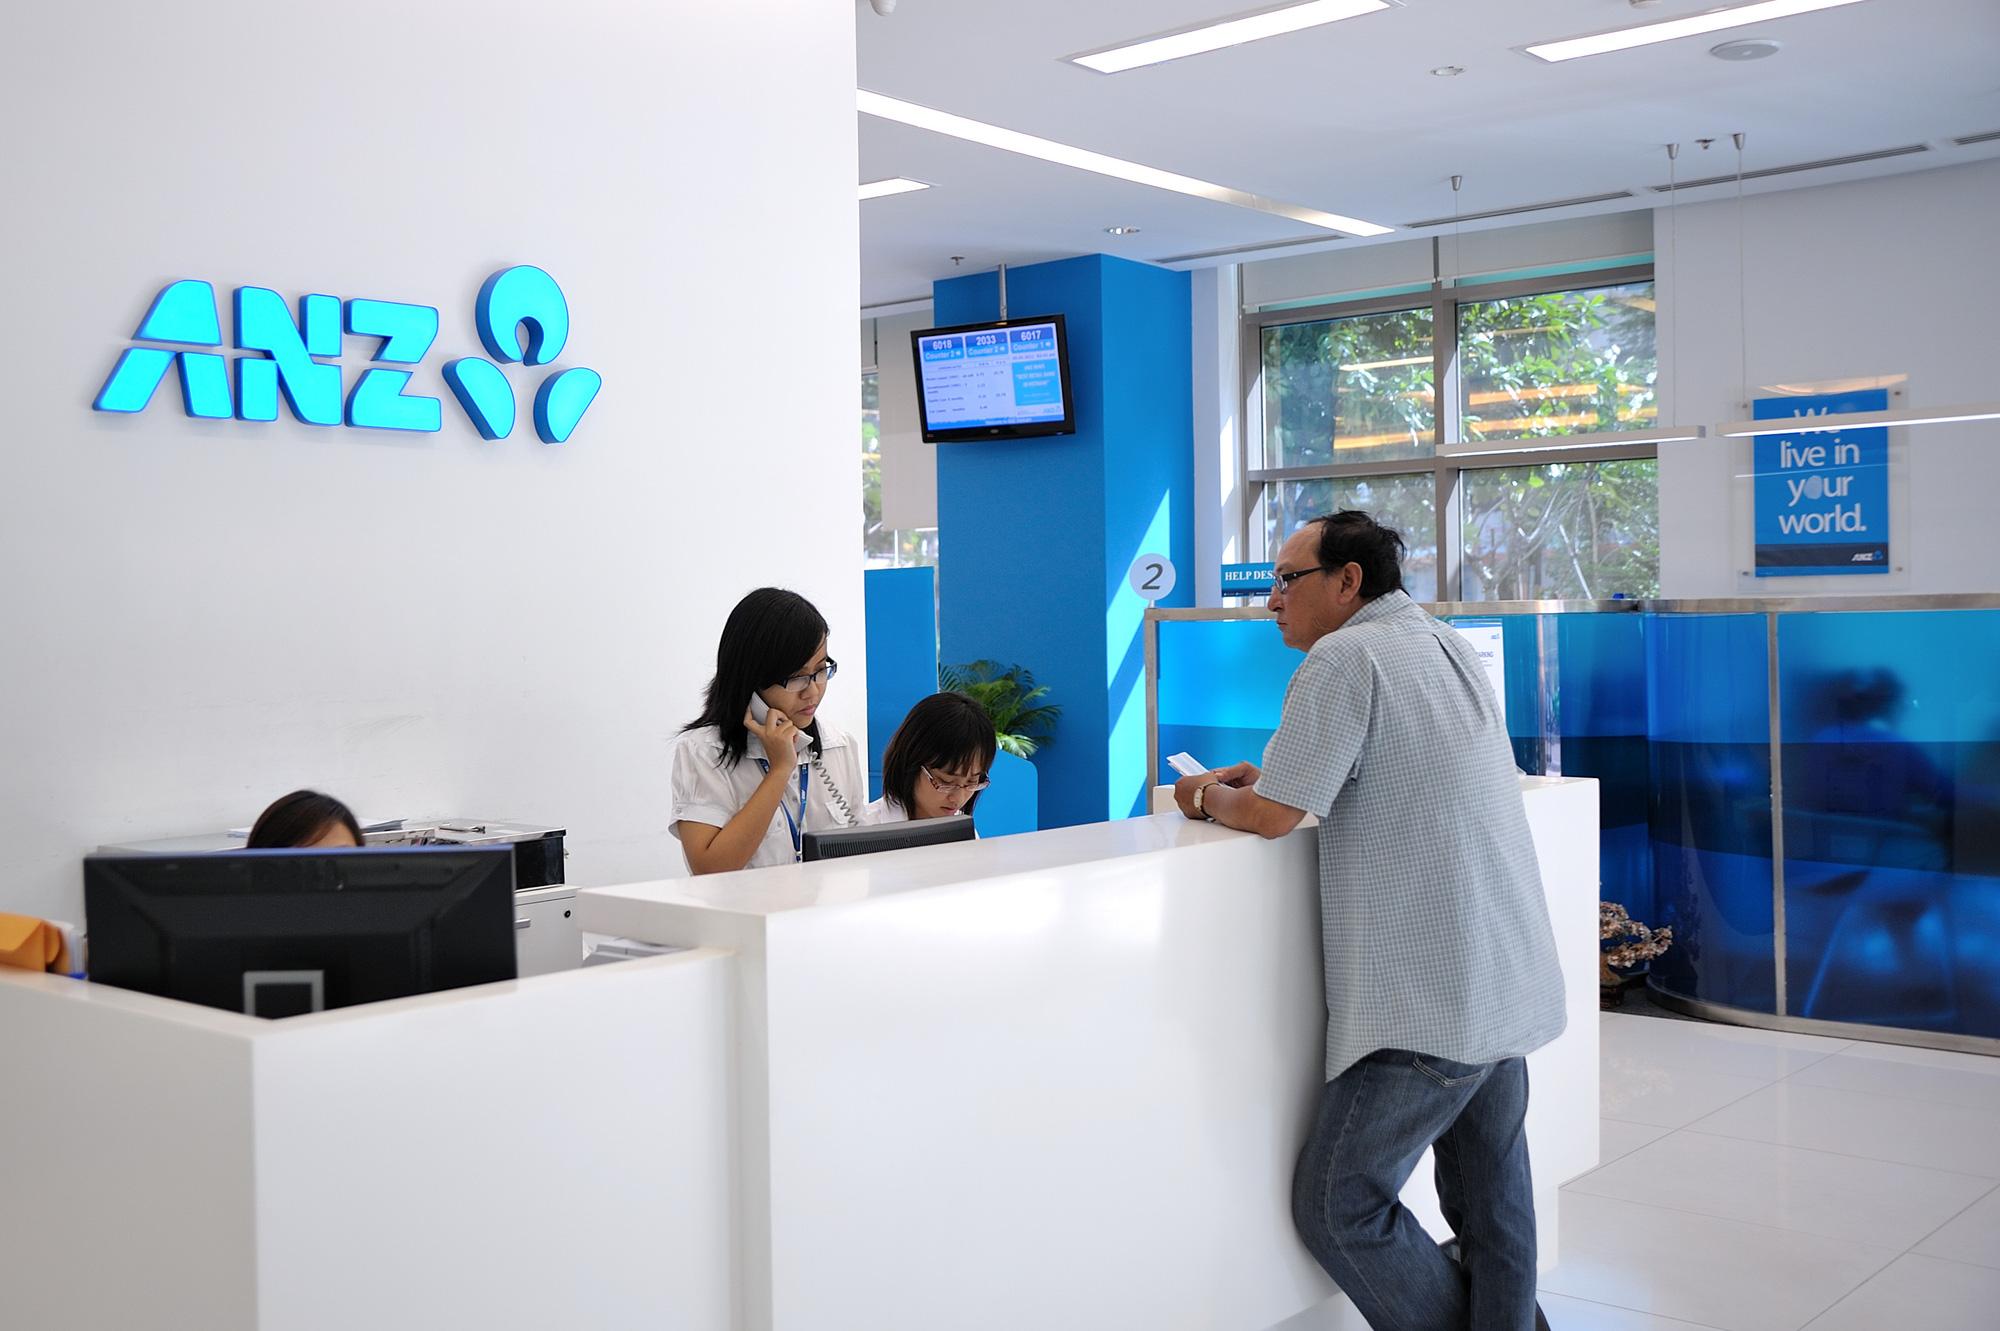 Lãi suất ngân hàng ANZ Việt Nam mới nhất tháng 2/2020 - Ảnh 1.